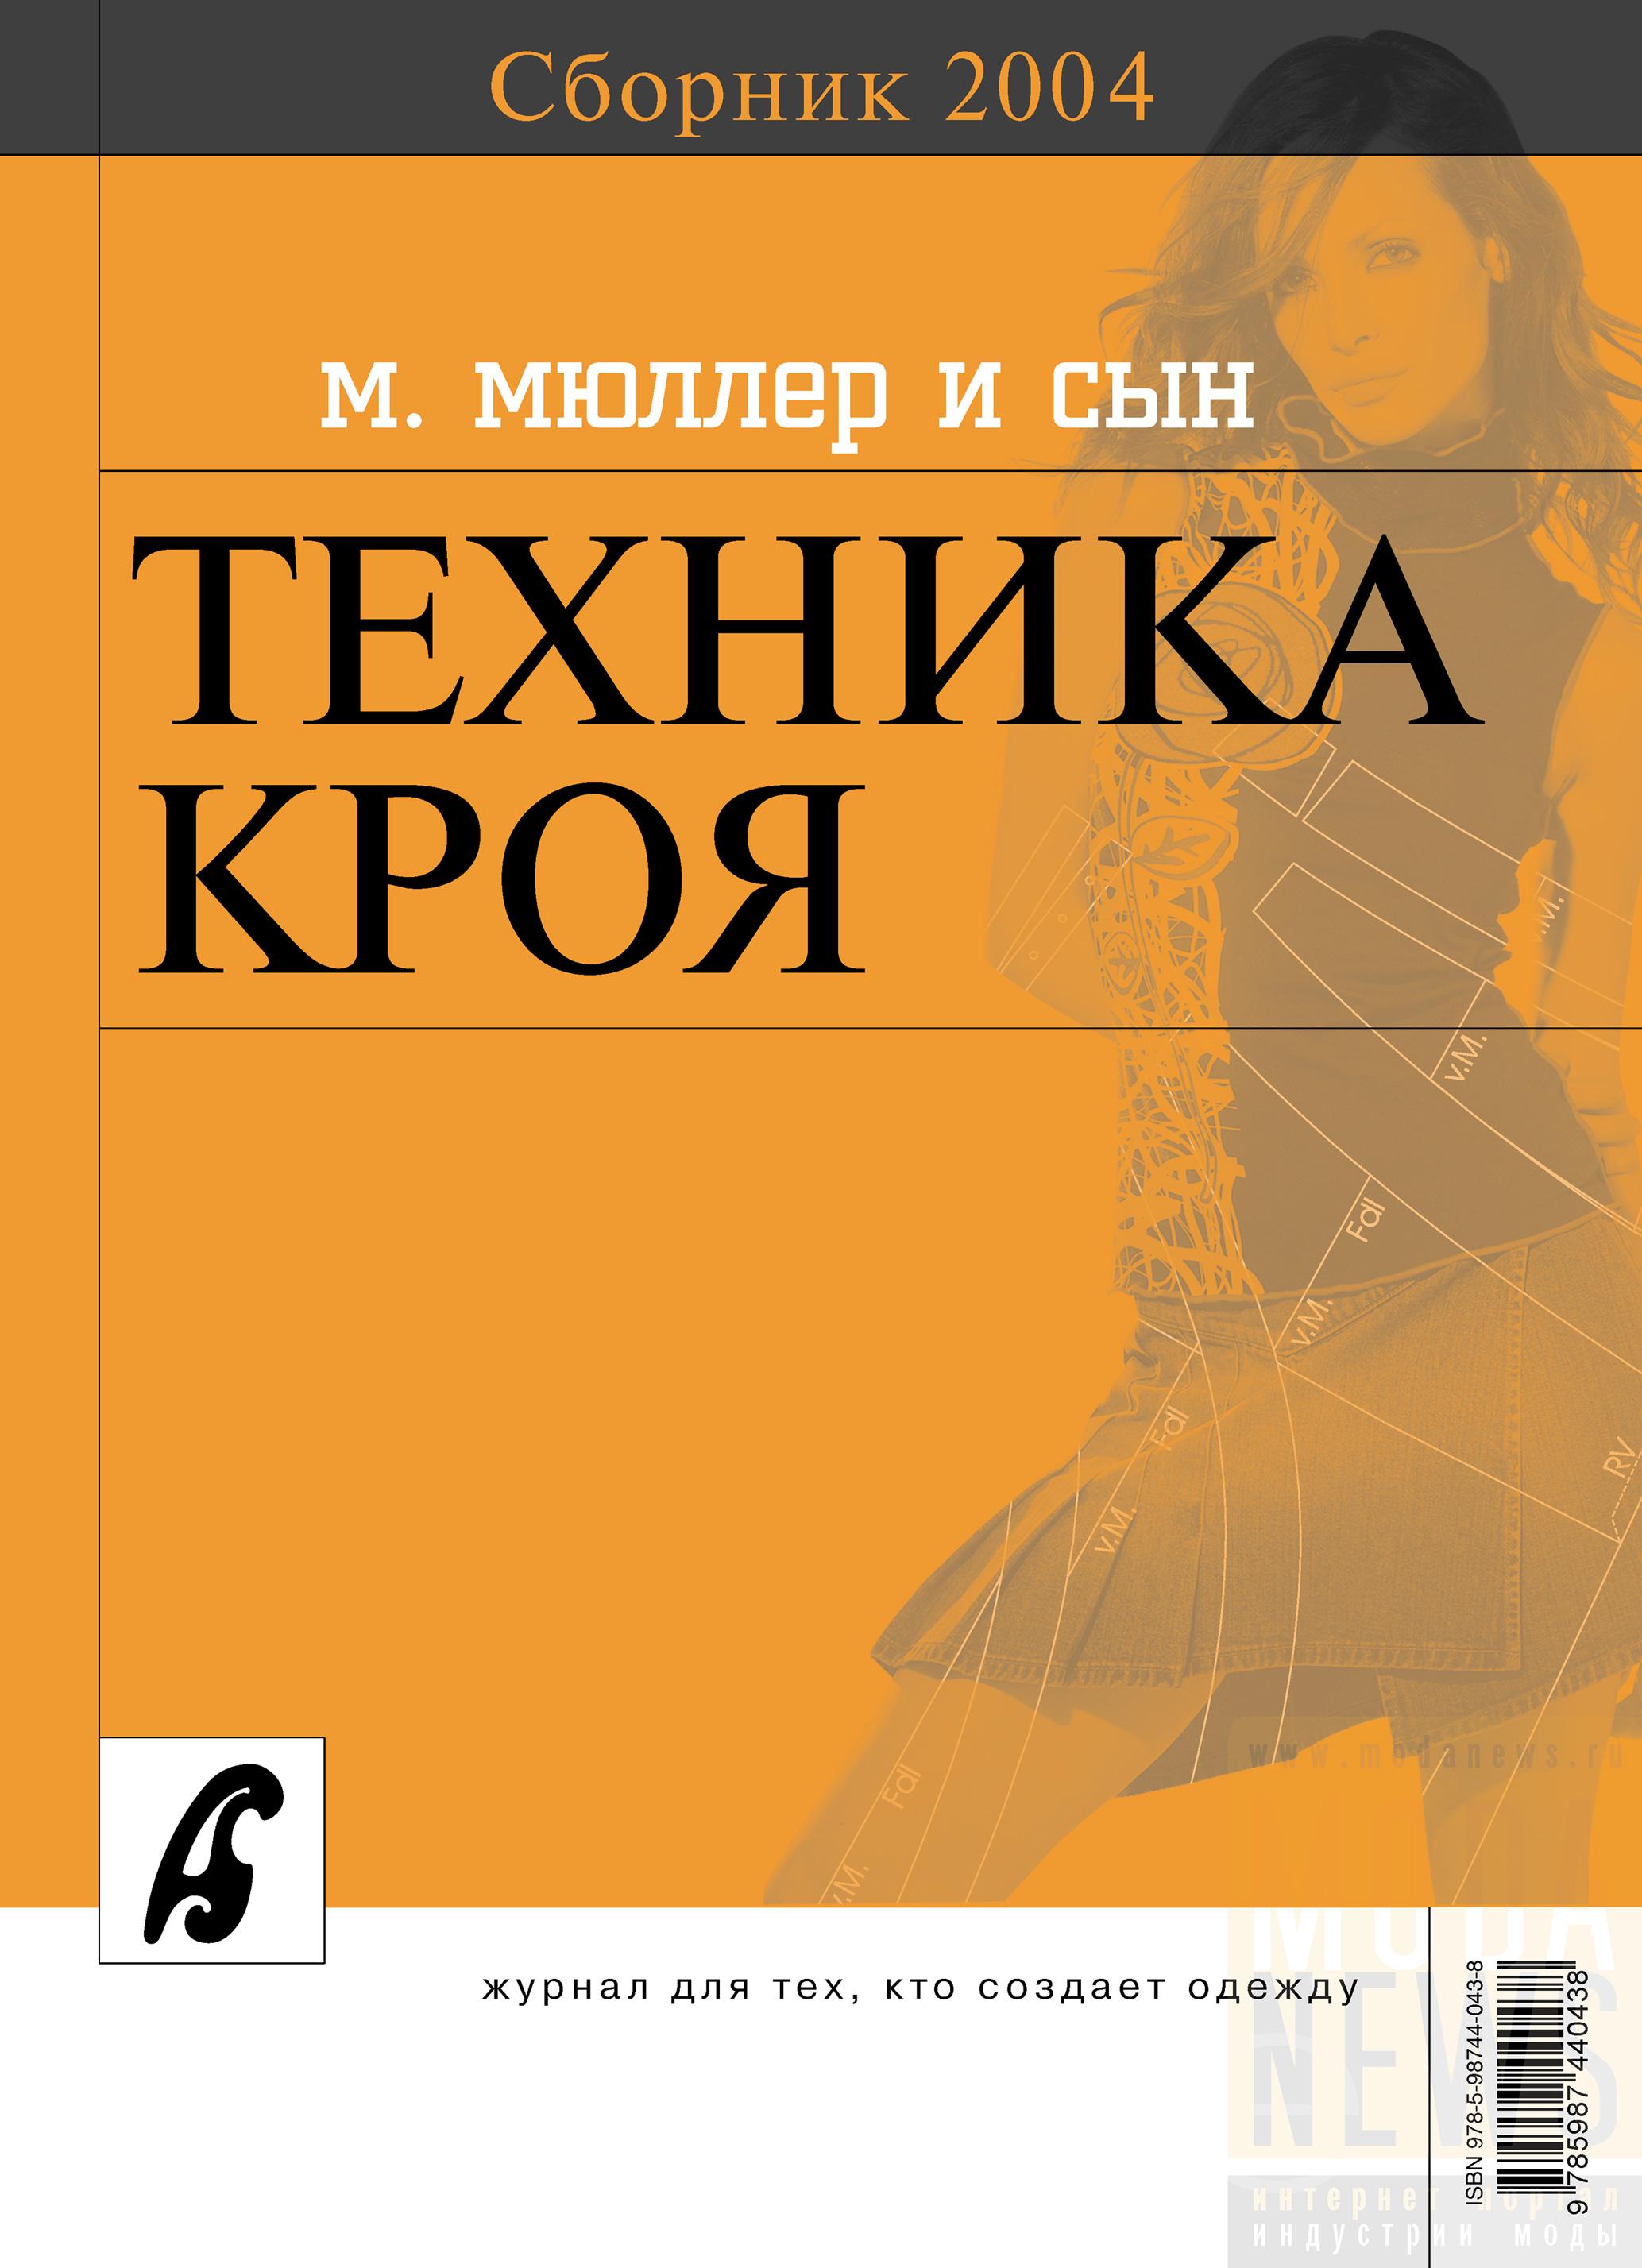 Сборник Сборник «Ателье – 2004». М.Мюллер и сын. Техника кроя отсутствует ателье 05 2019